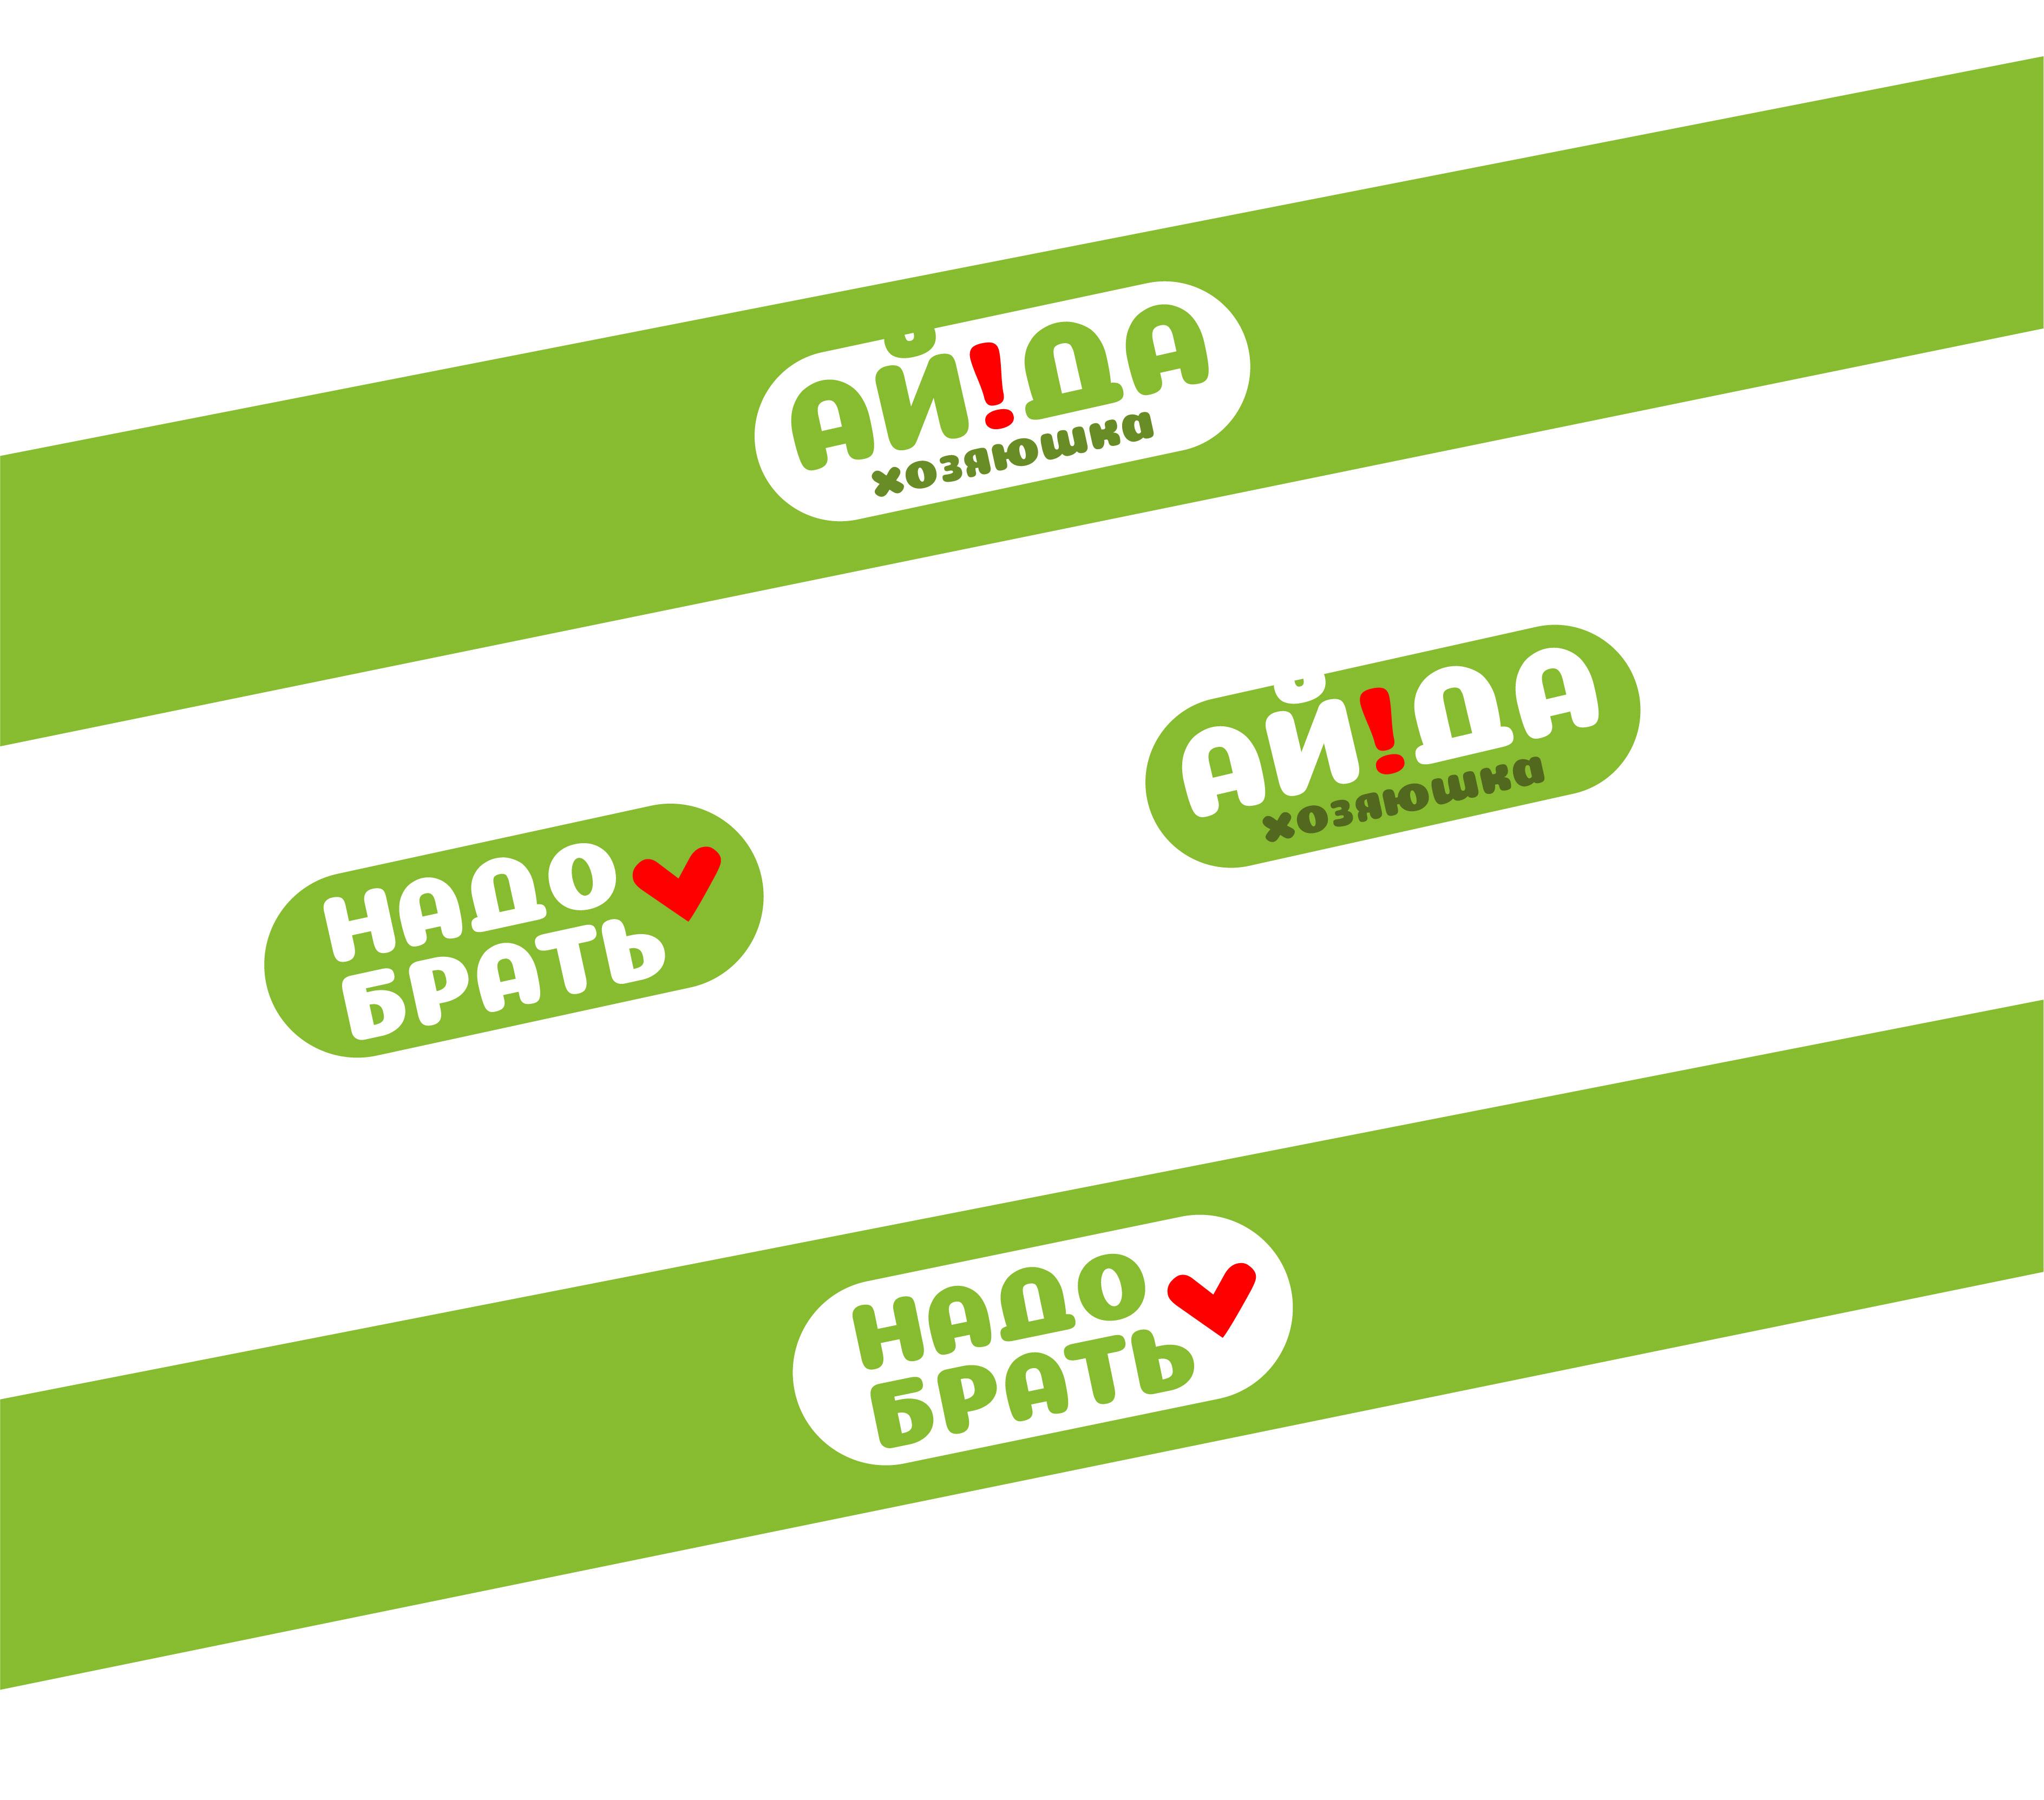 Дизайн логотипа и упаковки СТМ фото f_4495c59f0f7d6304.jpg